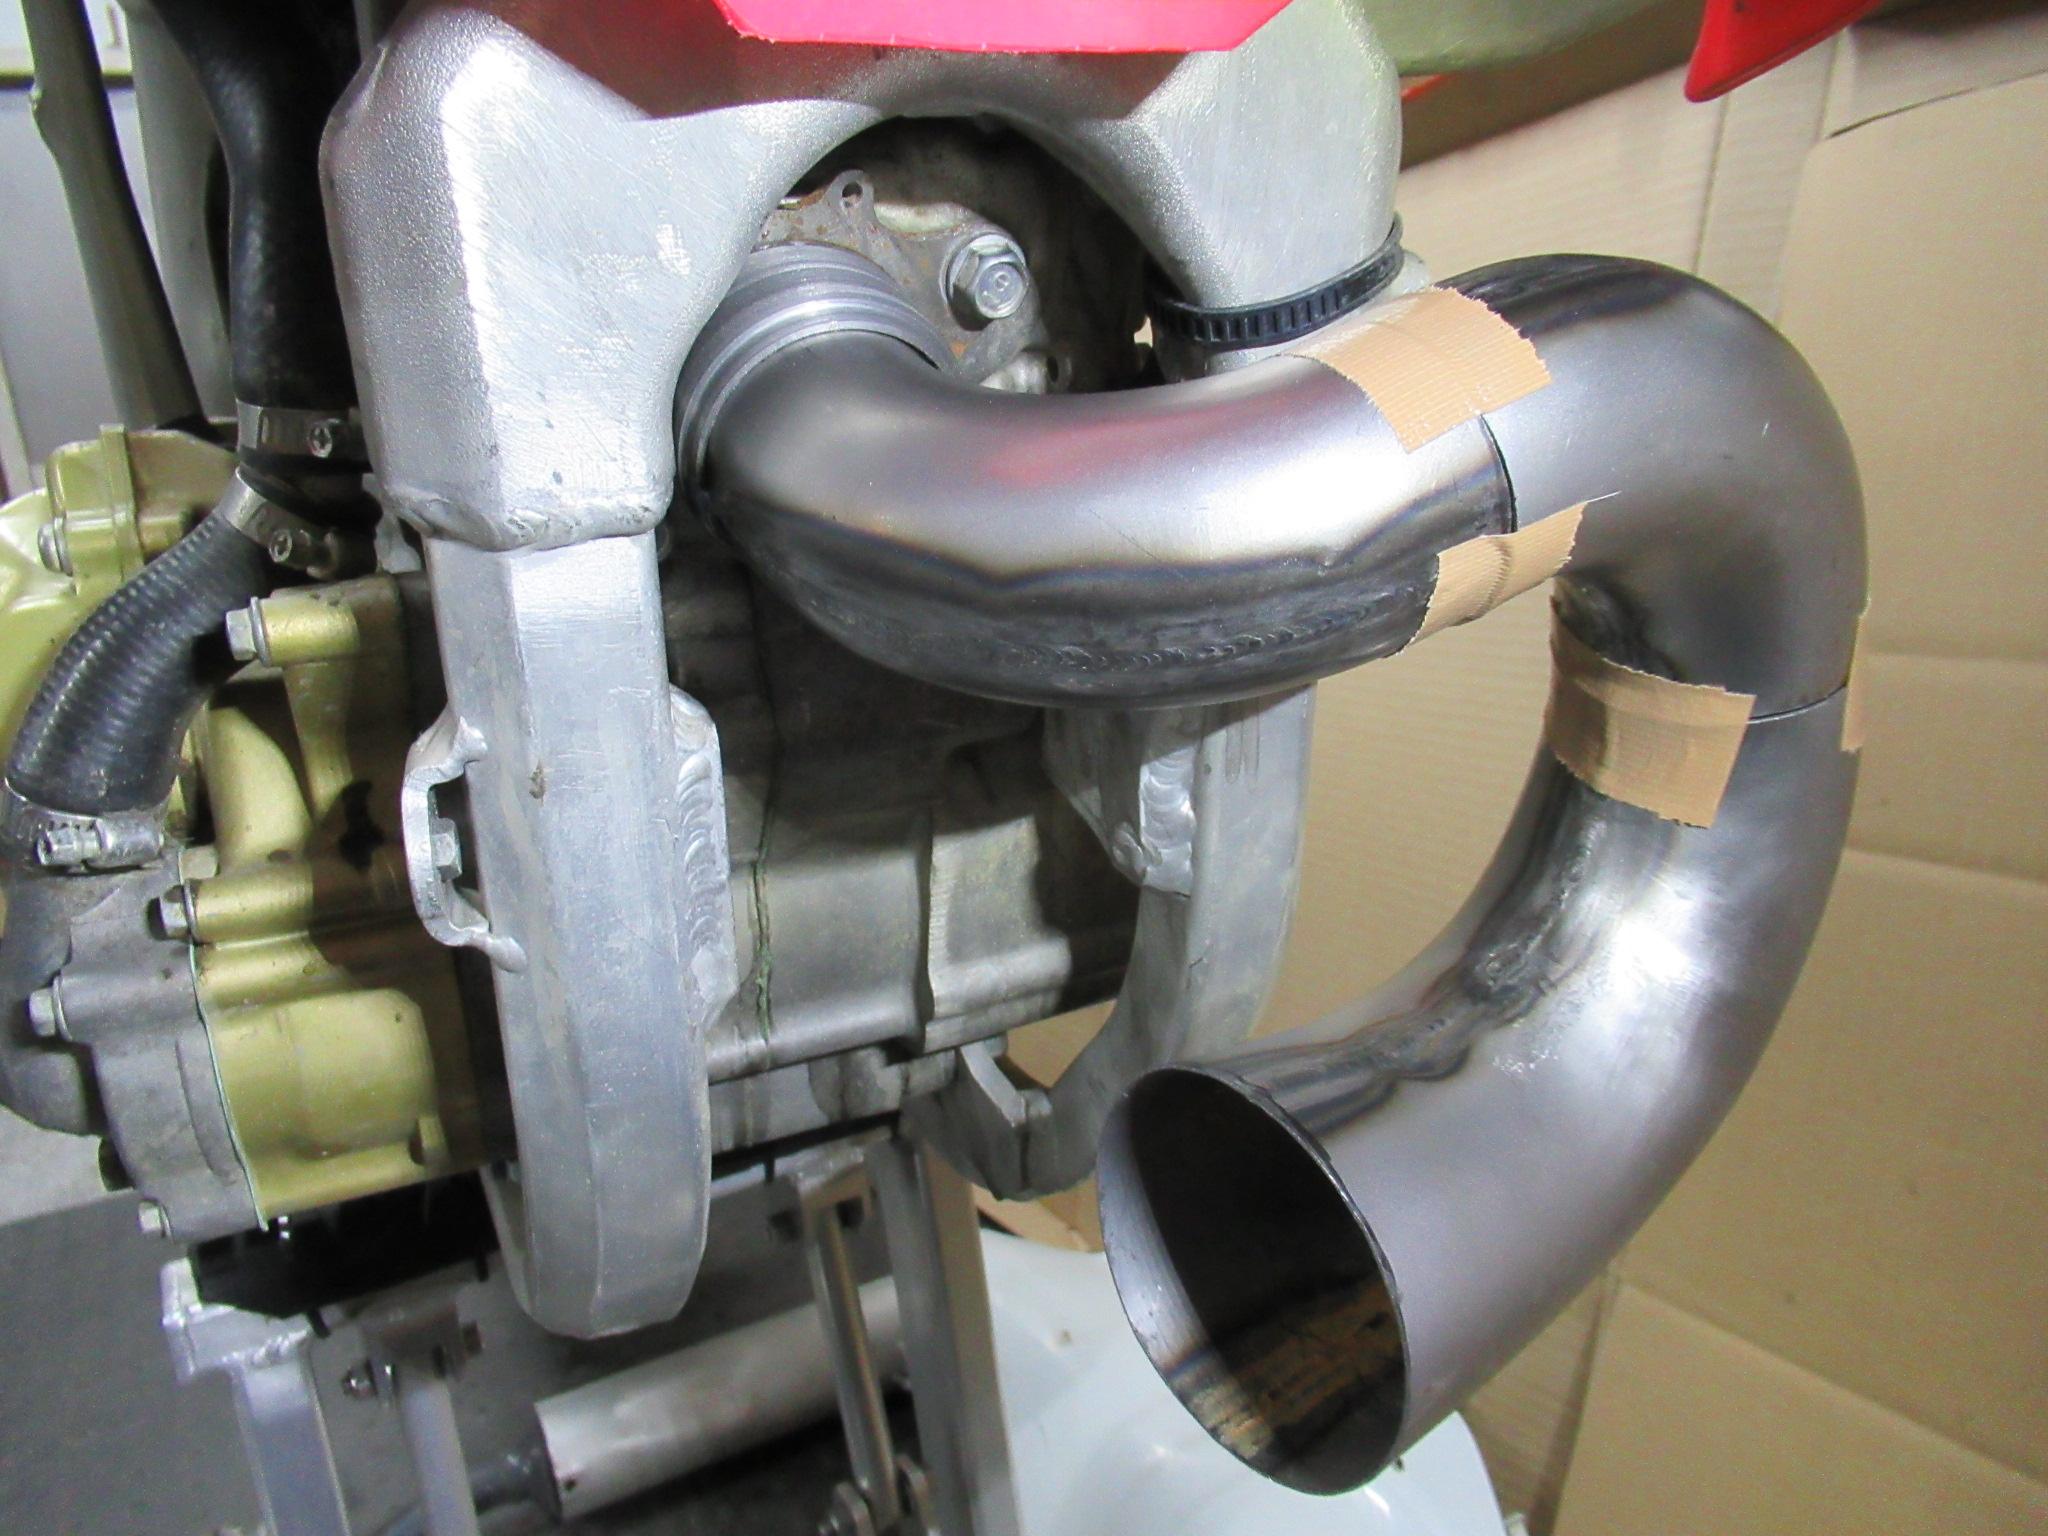 http://www.precious-factory.com/preciousfactory2010/IMG_0649.JPG